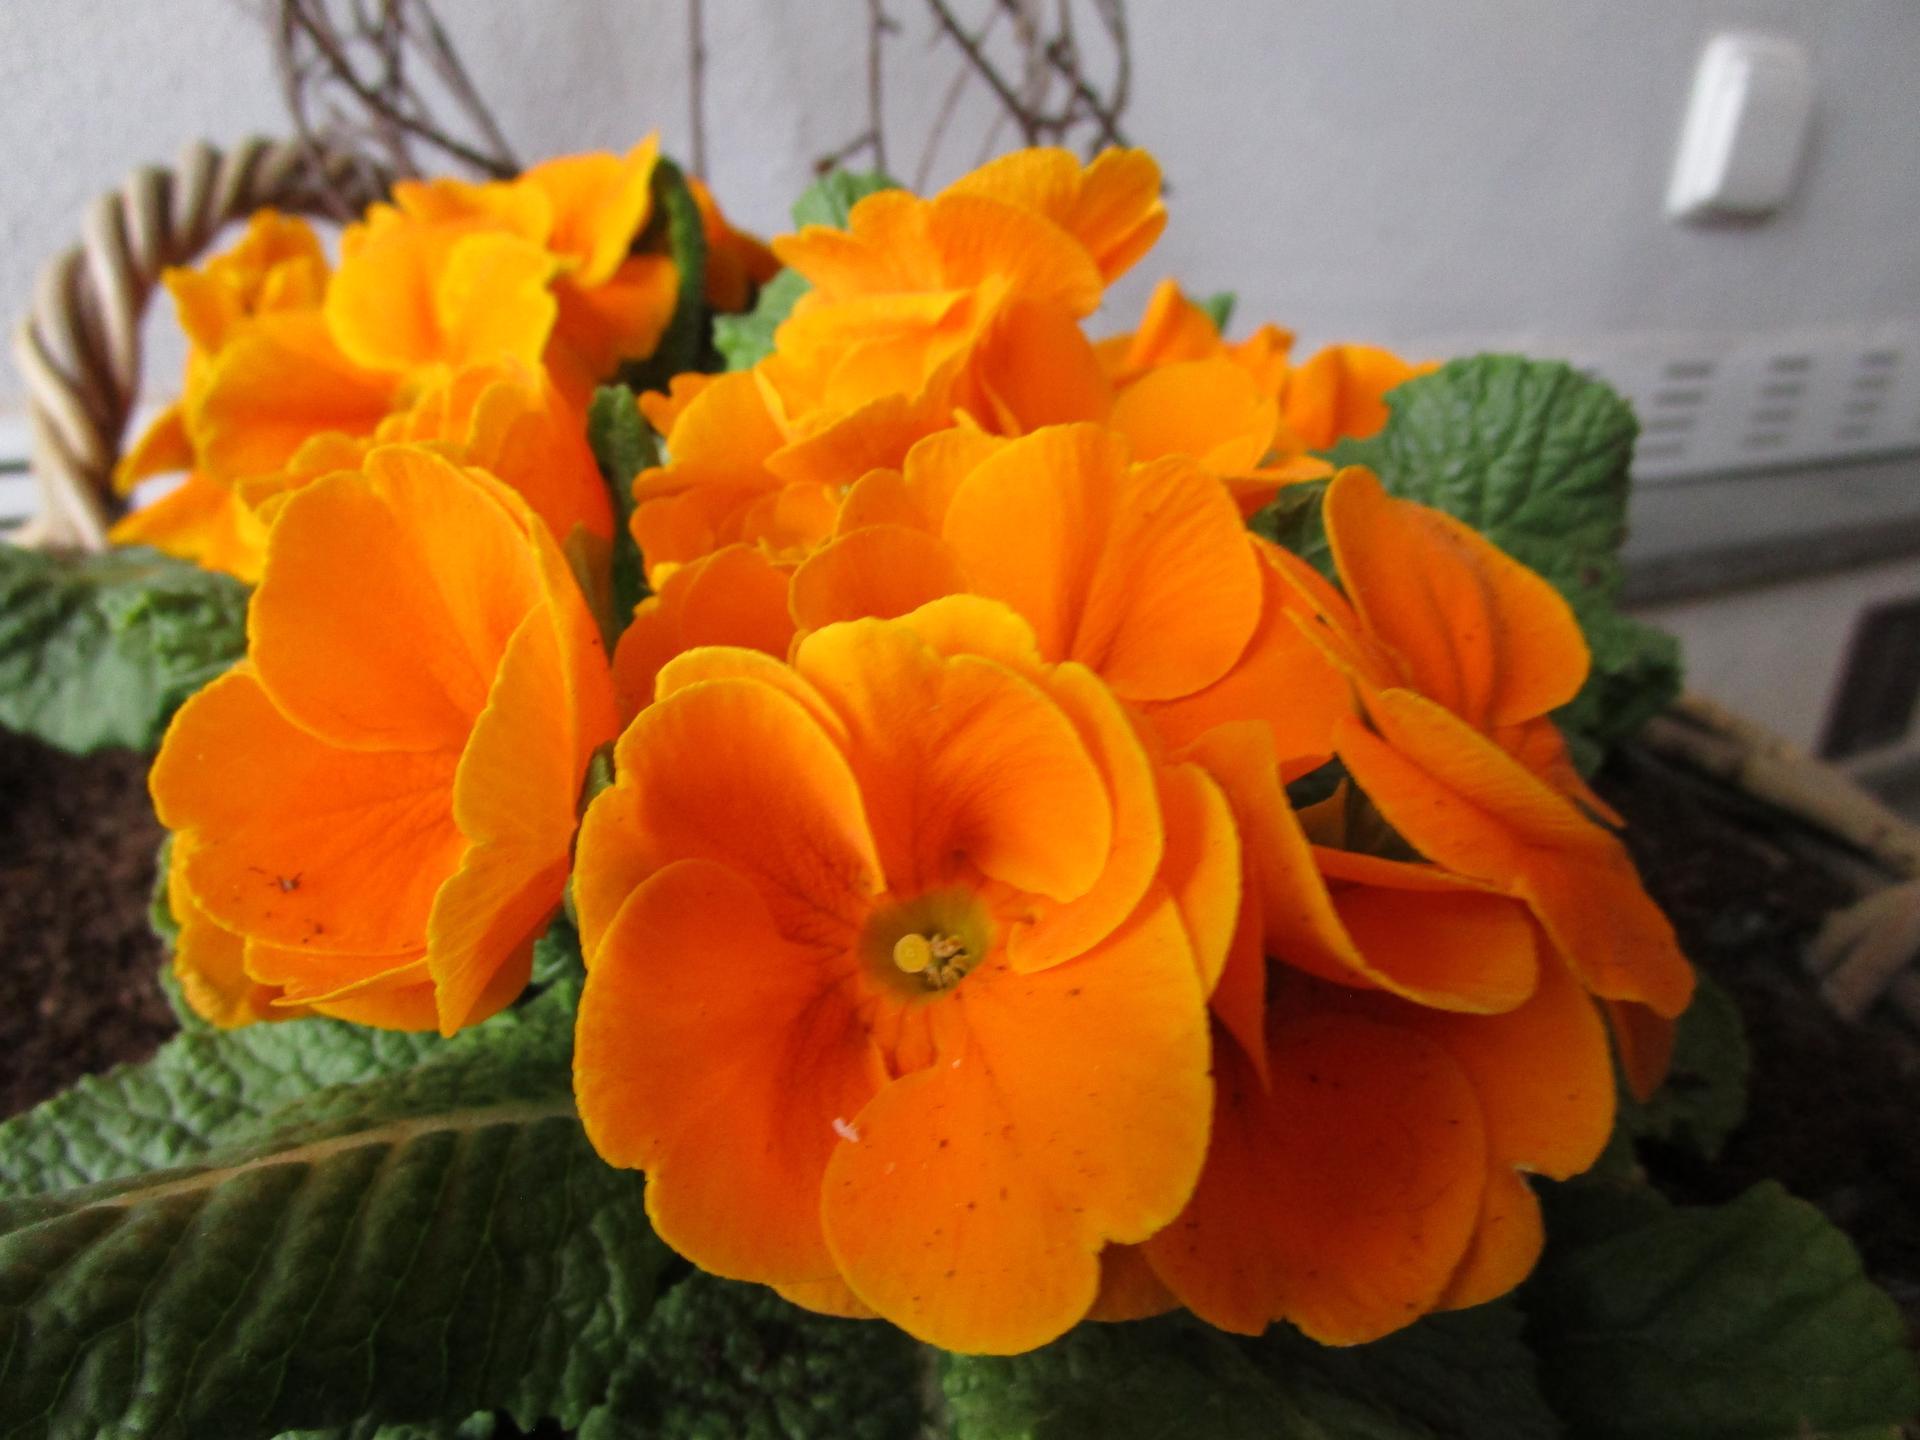 Vítáme jaro ... - Obrázek č. 2